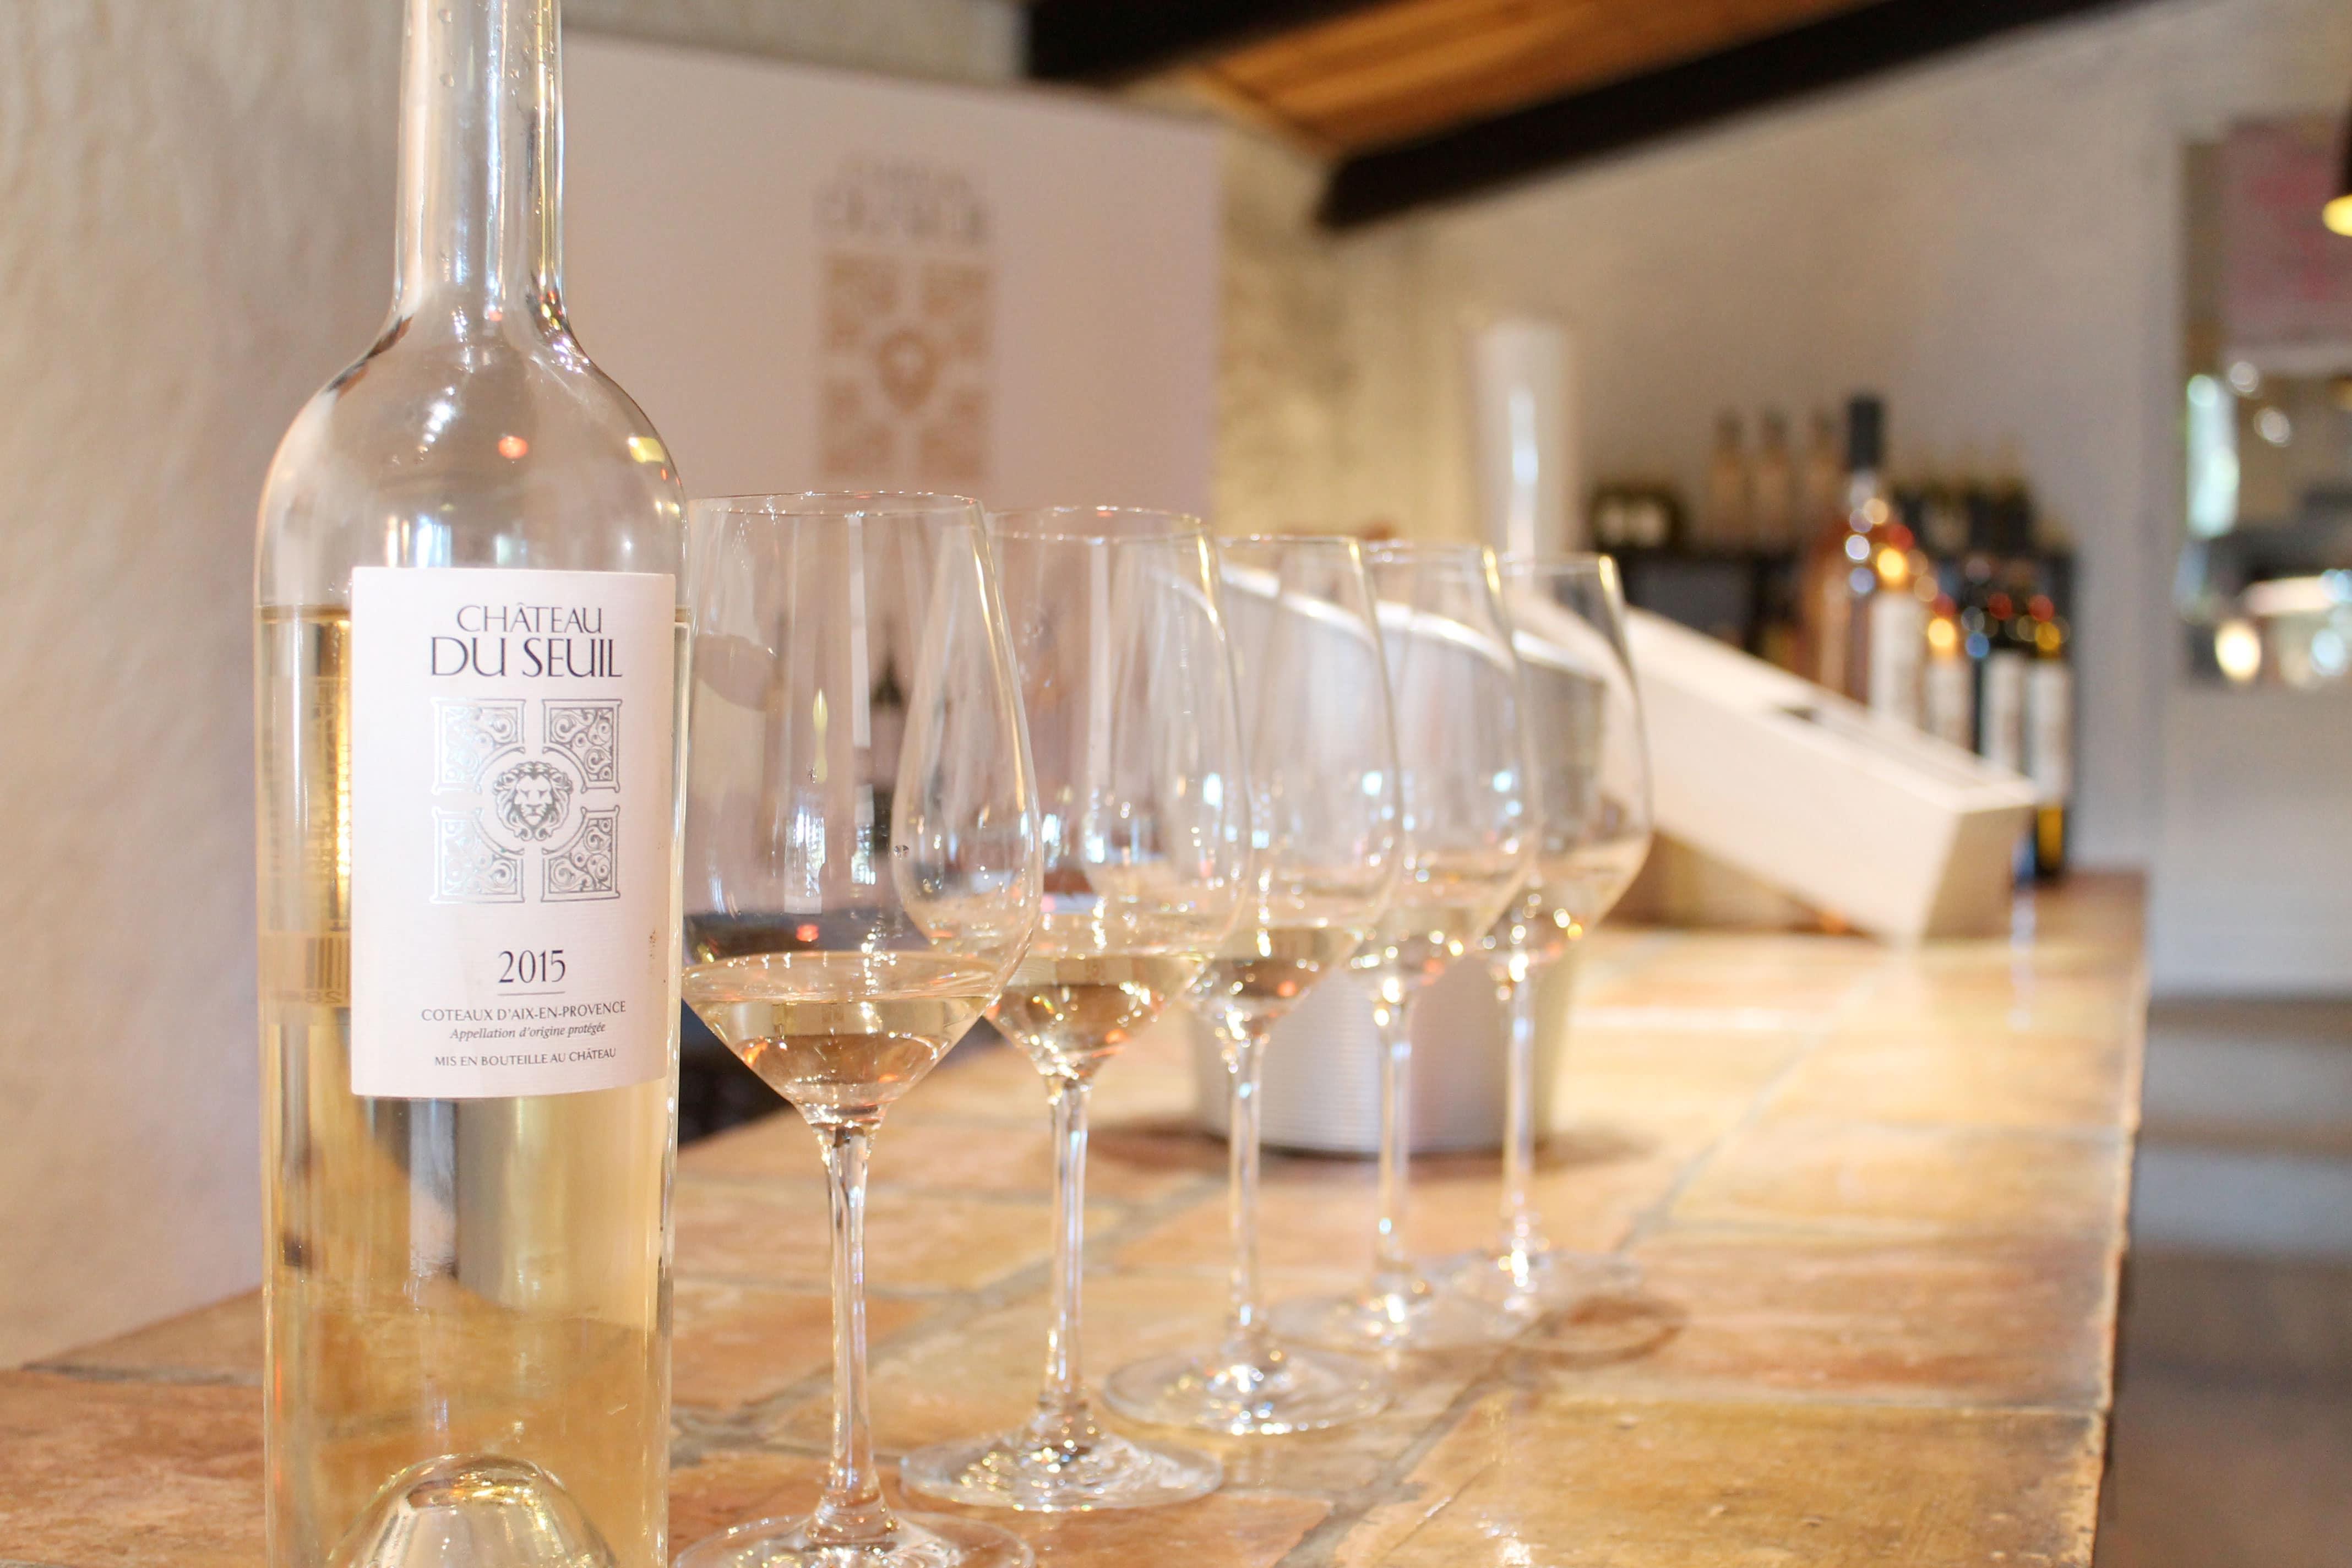 Aix en Provence wine tour, Château du Seuil, white wine tasting